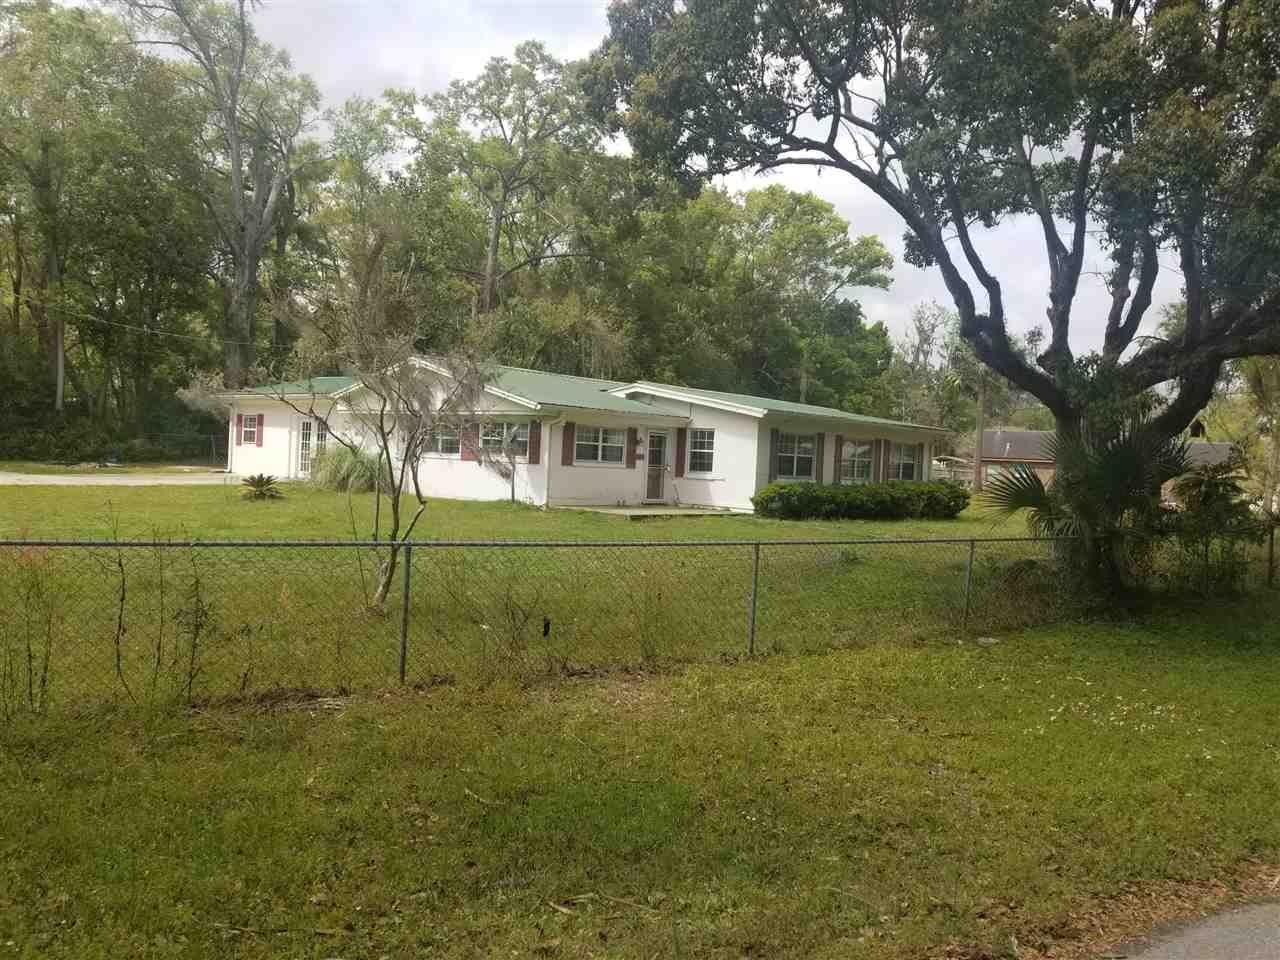 1209 N PARKVIEW Street, Perry, FL 32348 - MLS#: 330110